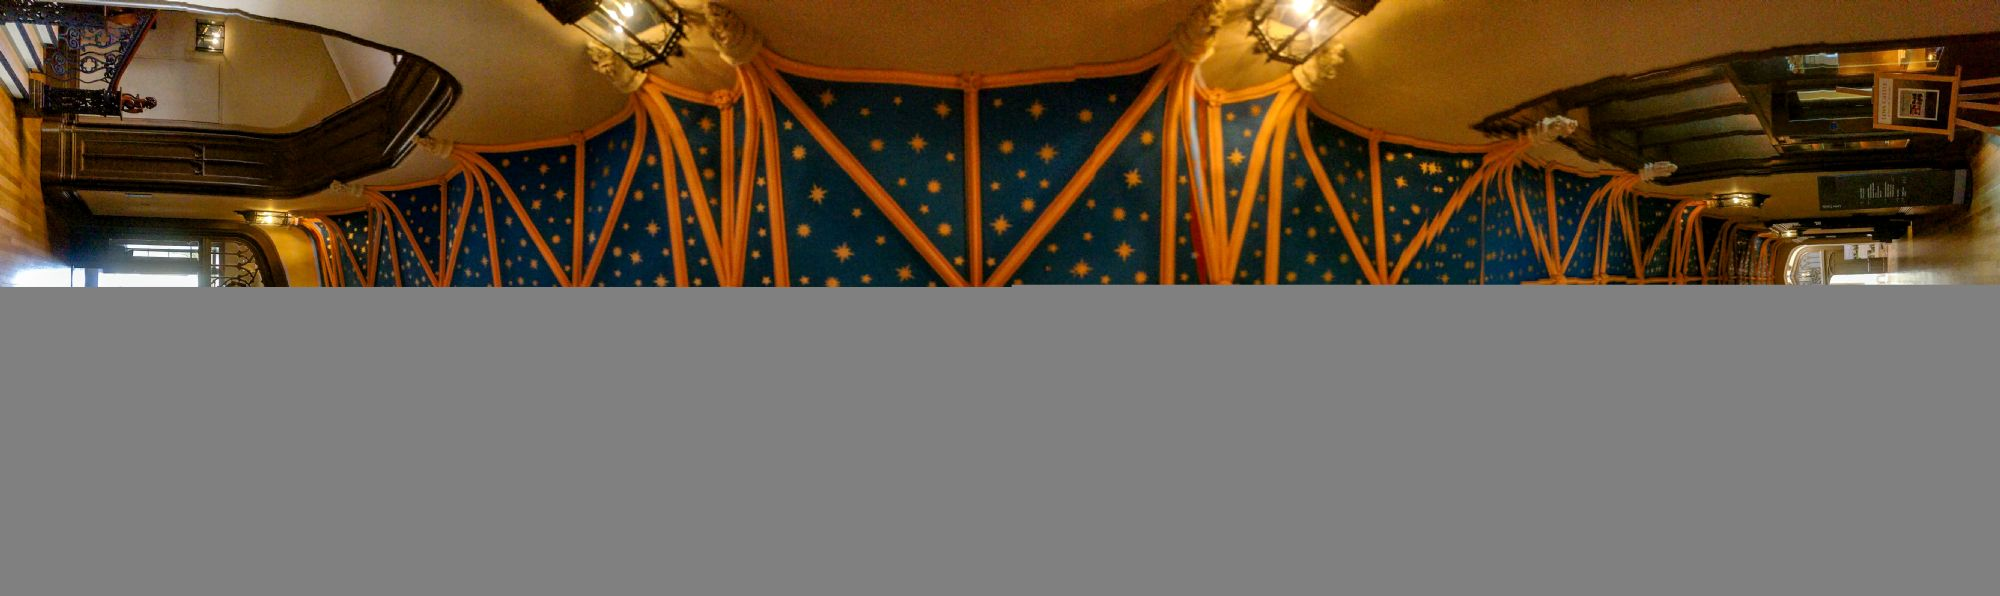 Storonoway Palace Ceiling